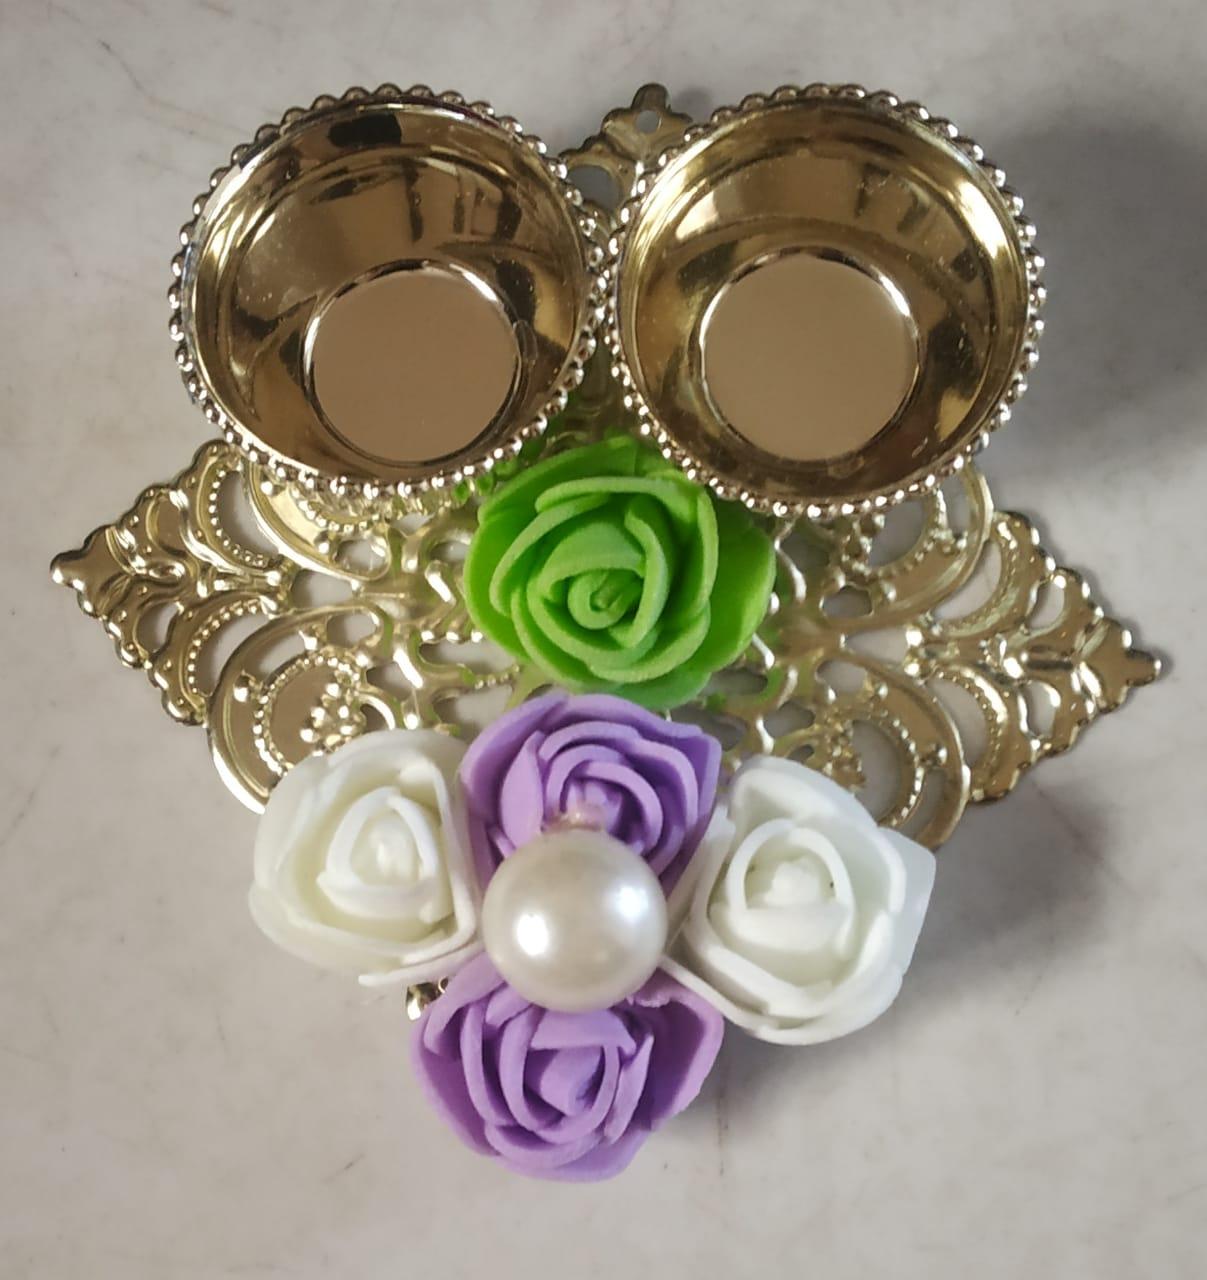 Square-shaped Decorative Kankavati (Roli & Chawal Platter) (Set of 2) Slider Thumbnail 1/1